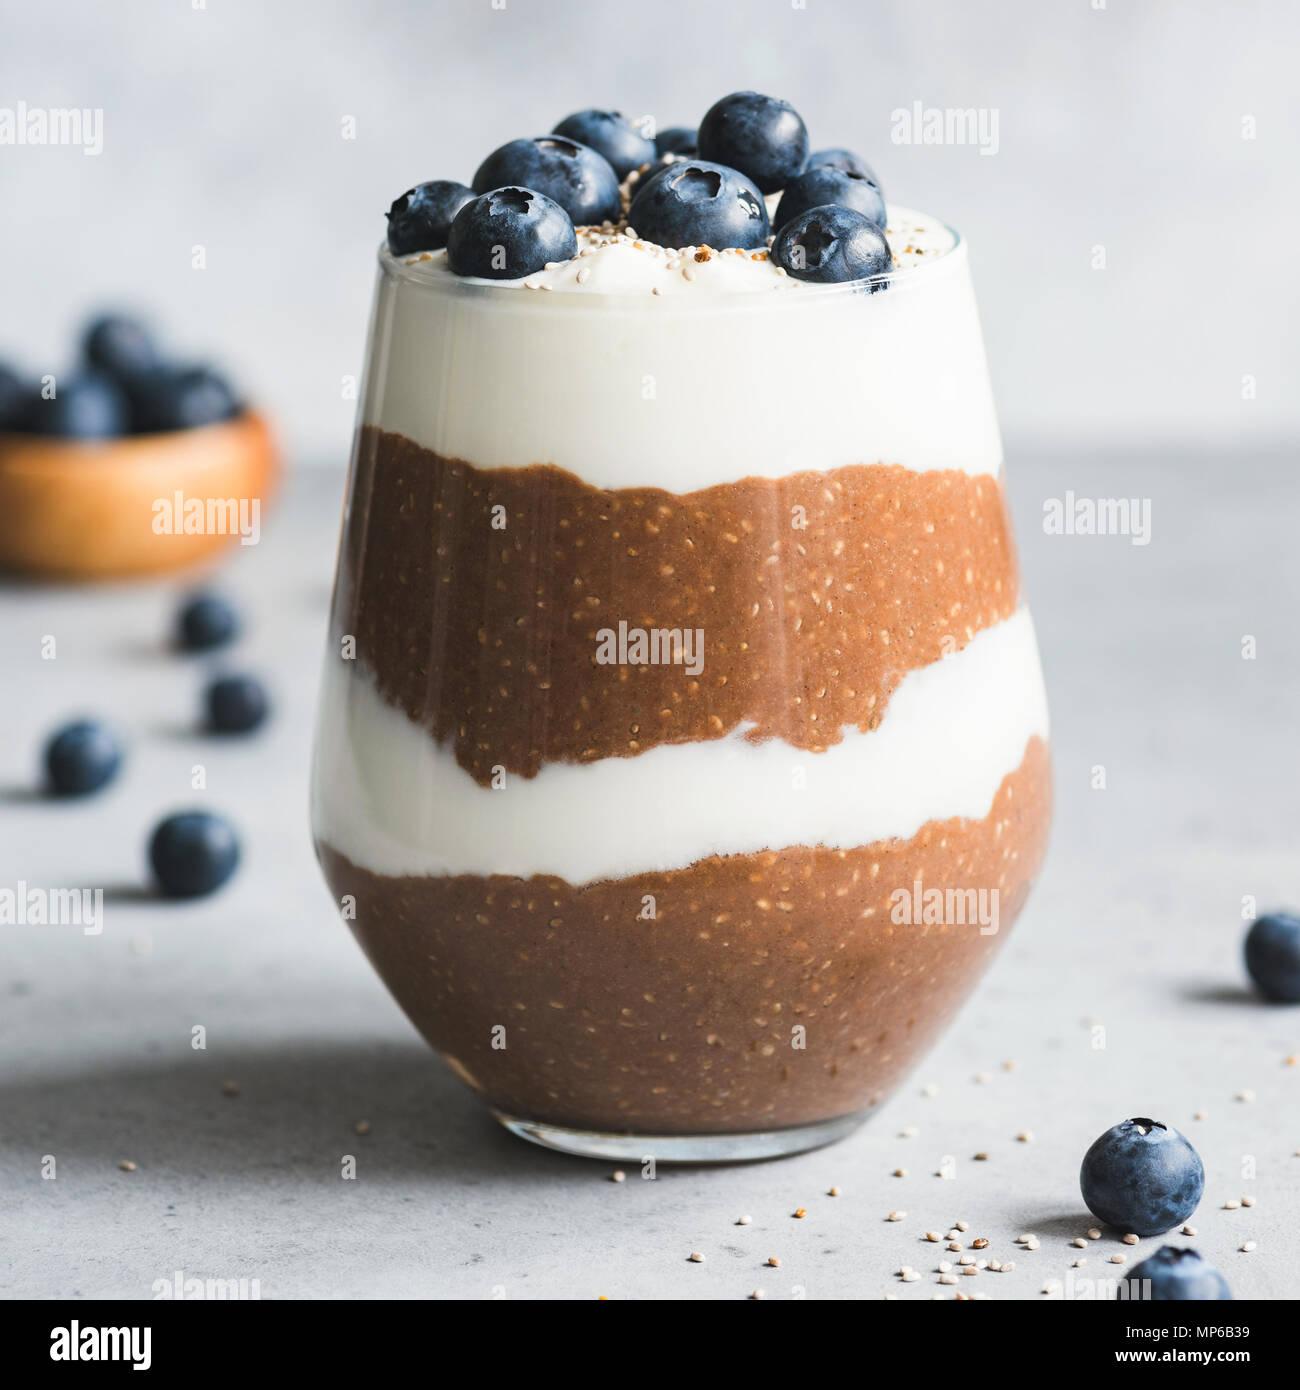 Layered cioccolato budino di Chia con yogurt e mirtilli in un bicchiere. Vista ingrandita, quadrato ritaglia Immagini Stock